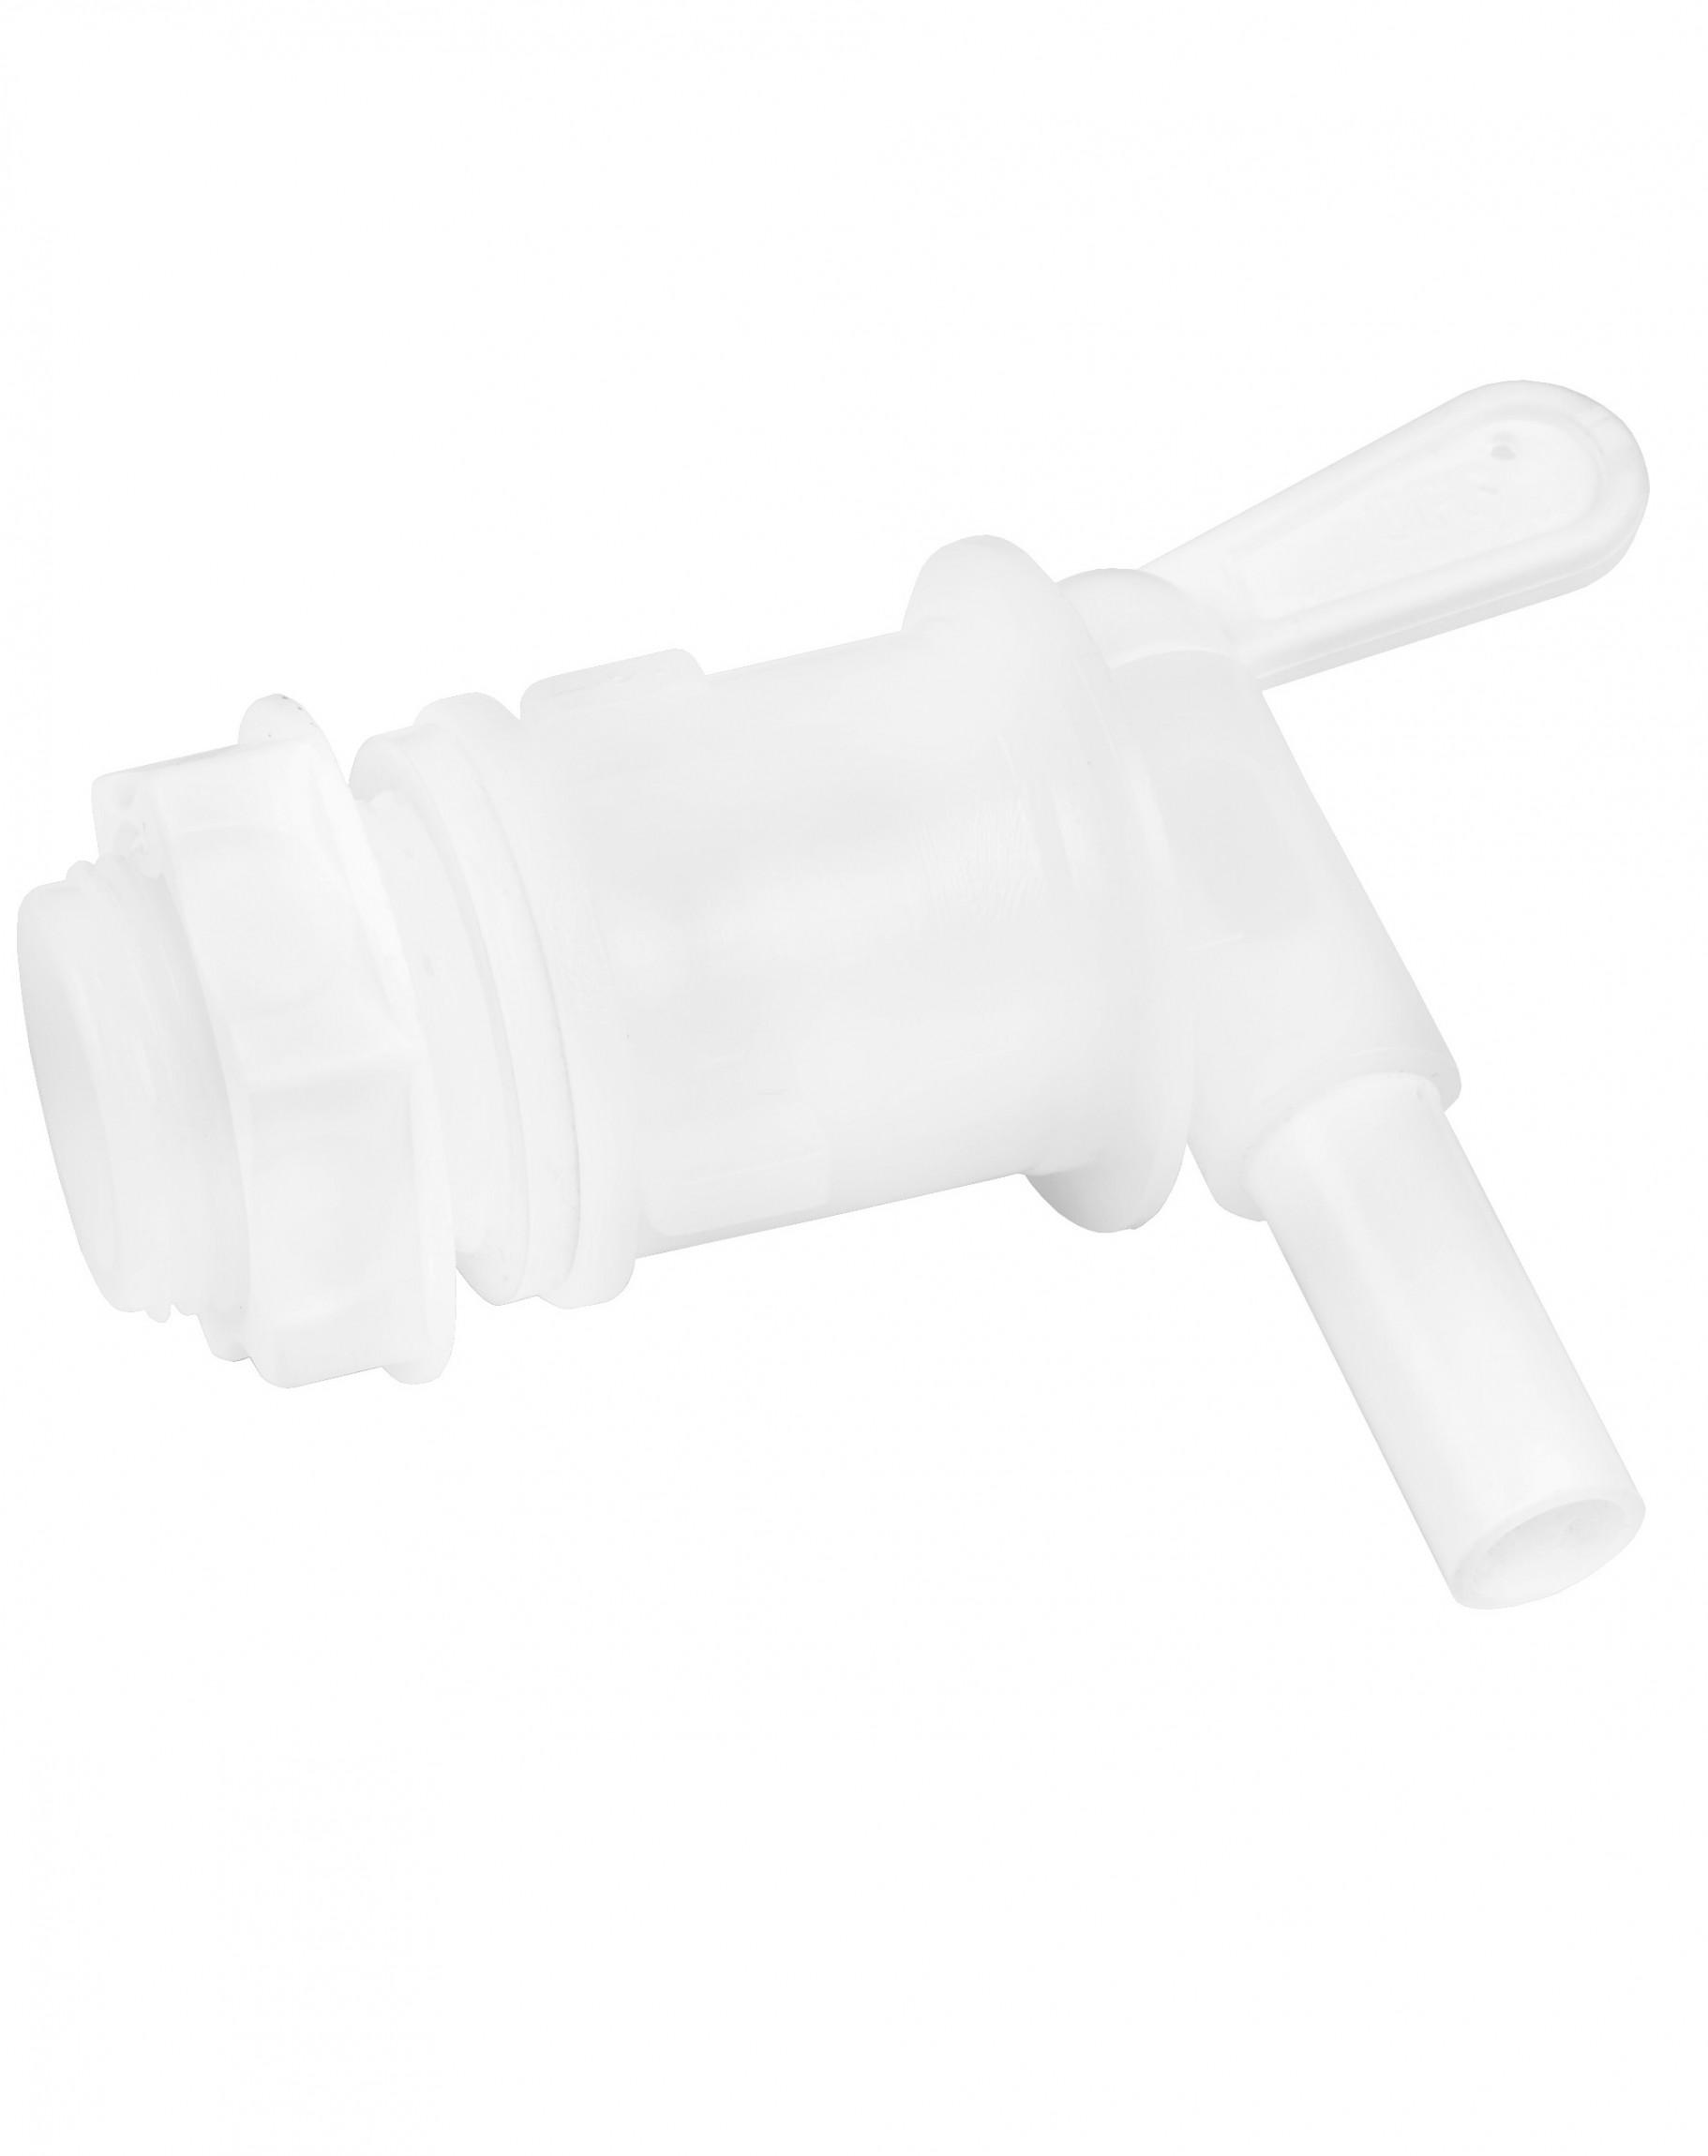 Пластиковый кран для емкости белый поворотный